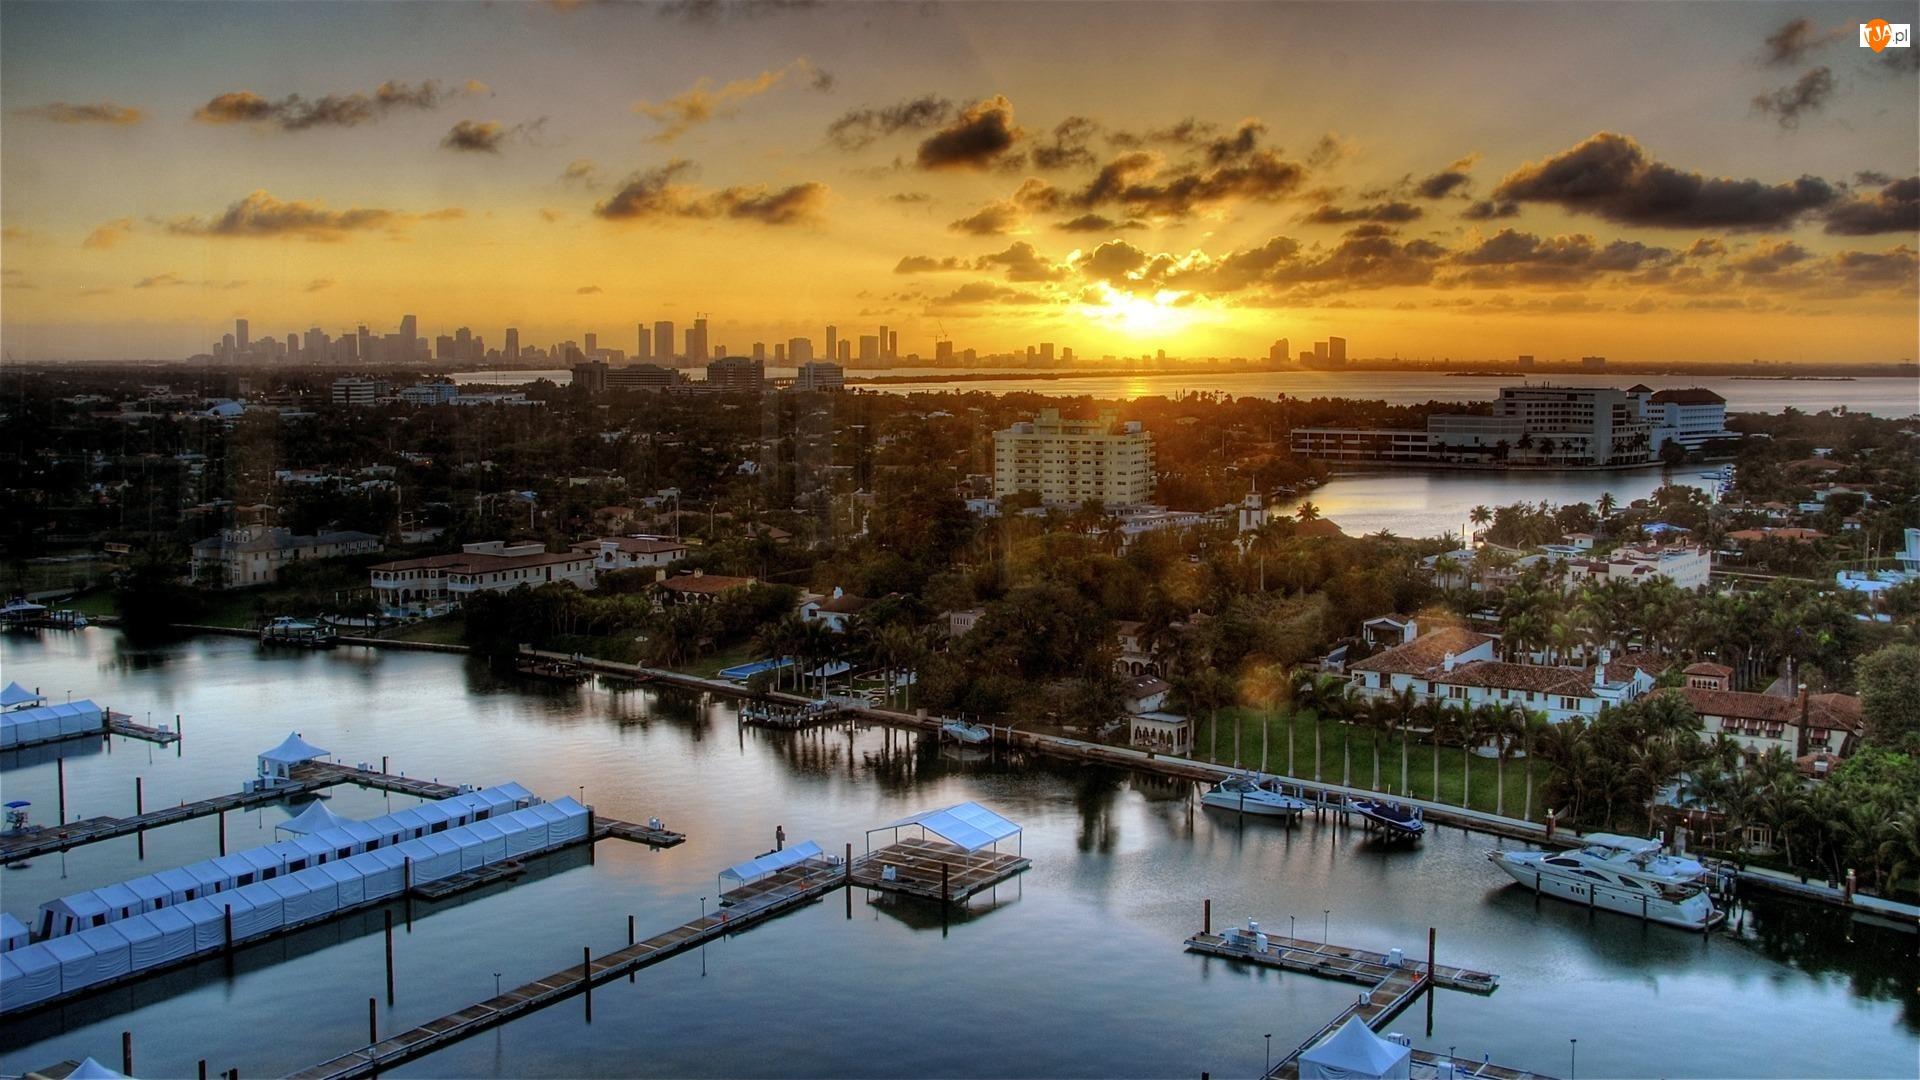 Miasto, Wybrzeże, Stany Zjednoczone, Jacht, Miami, Zachód Słońca